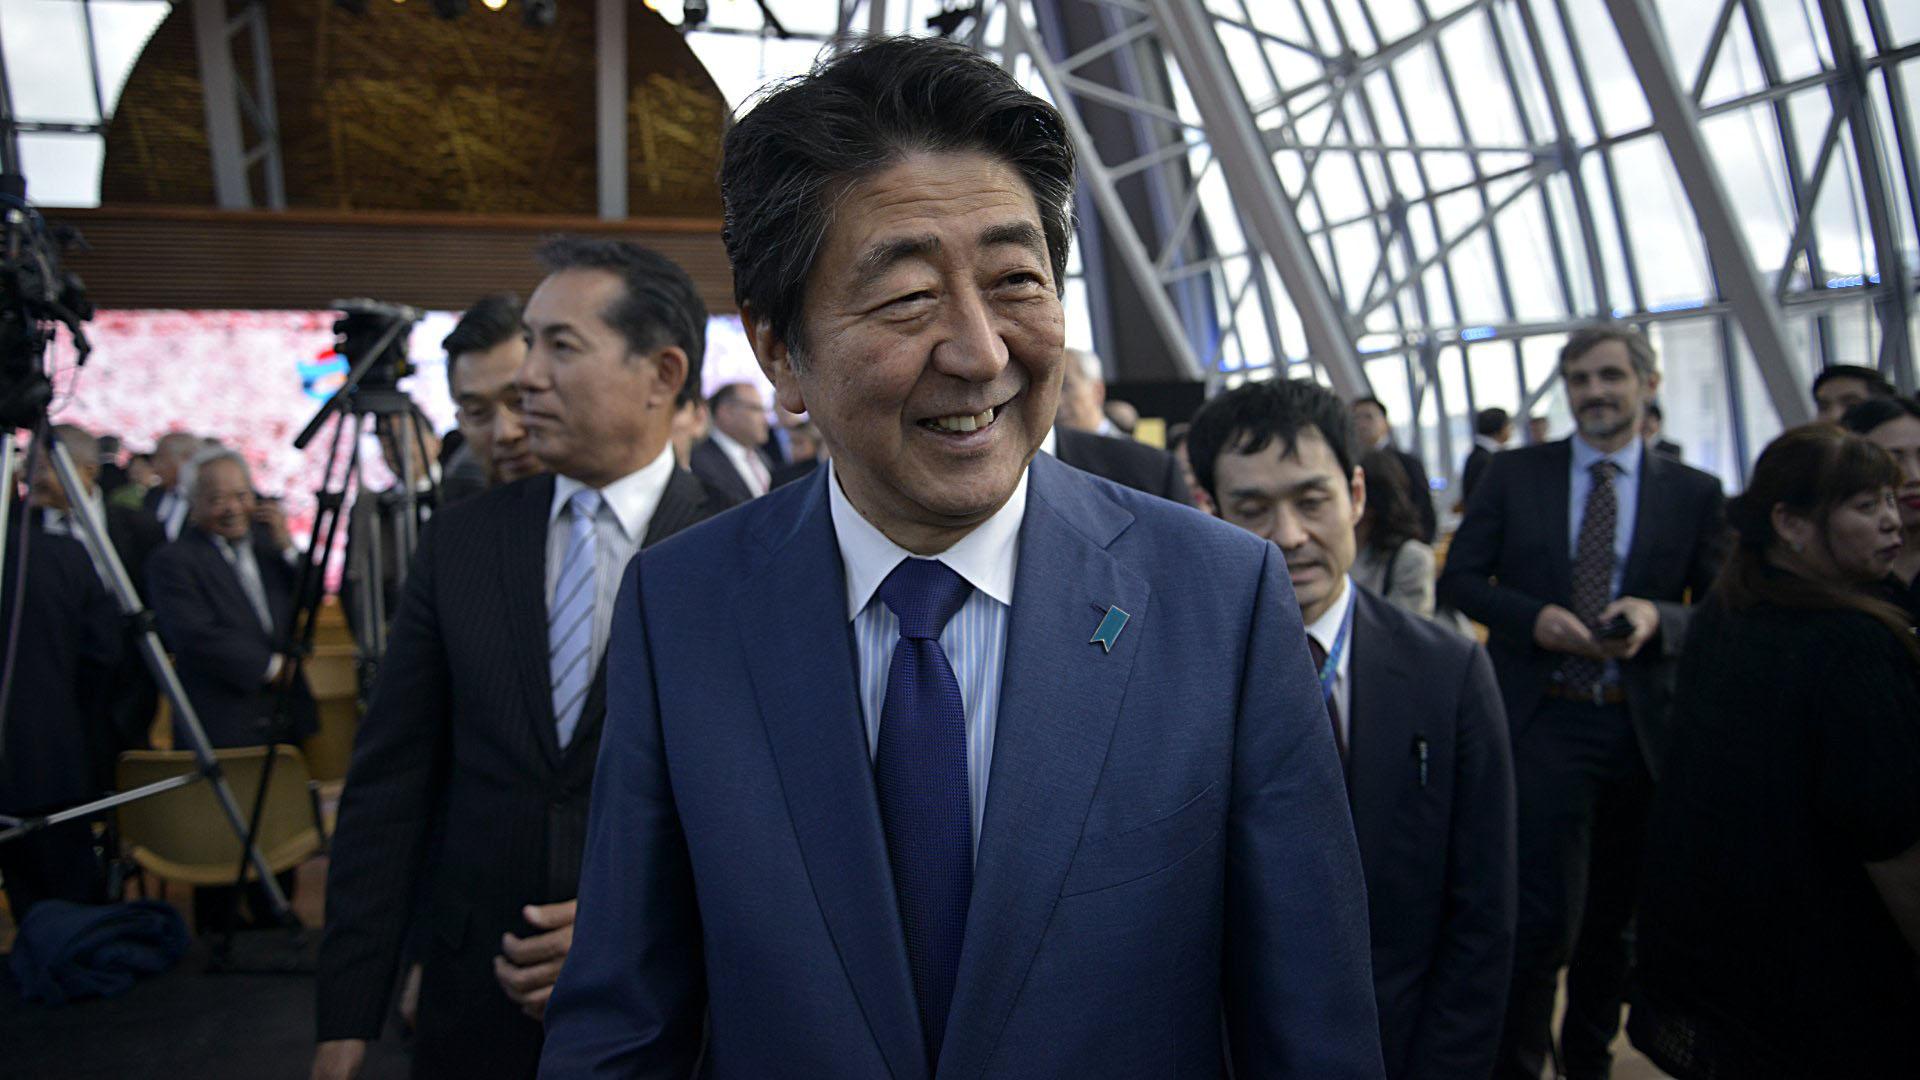 Shinze Abe